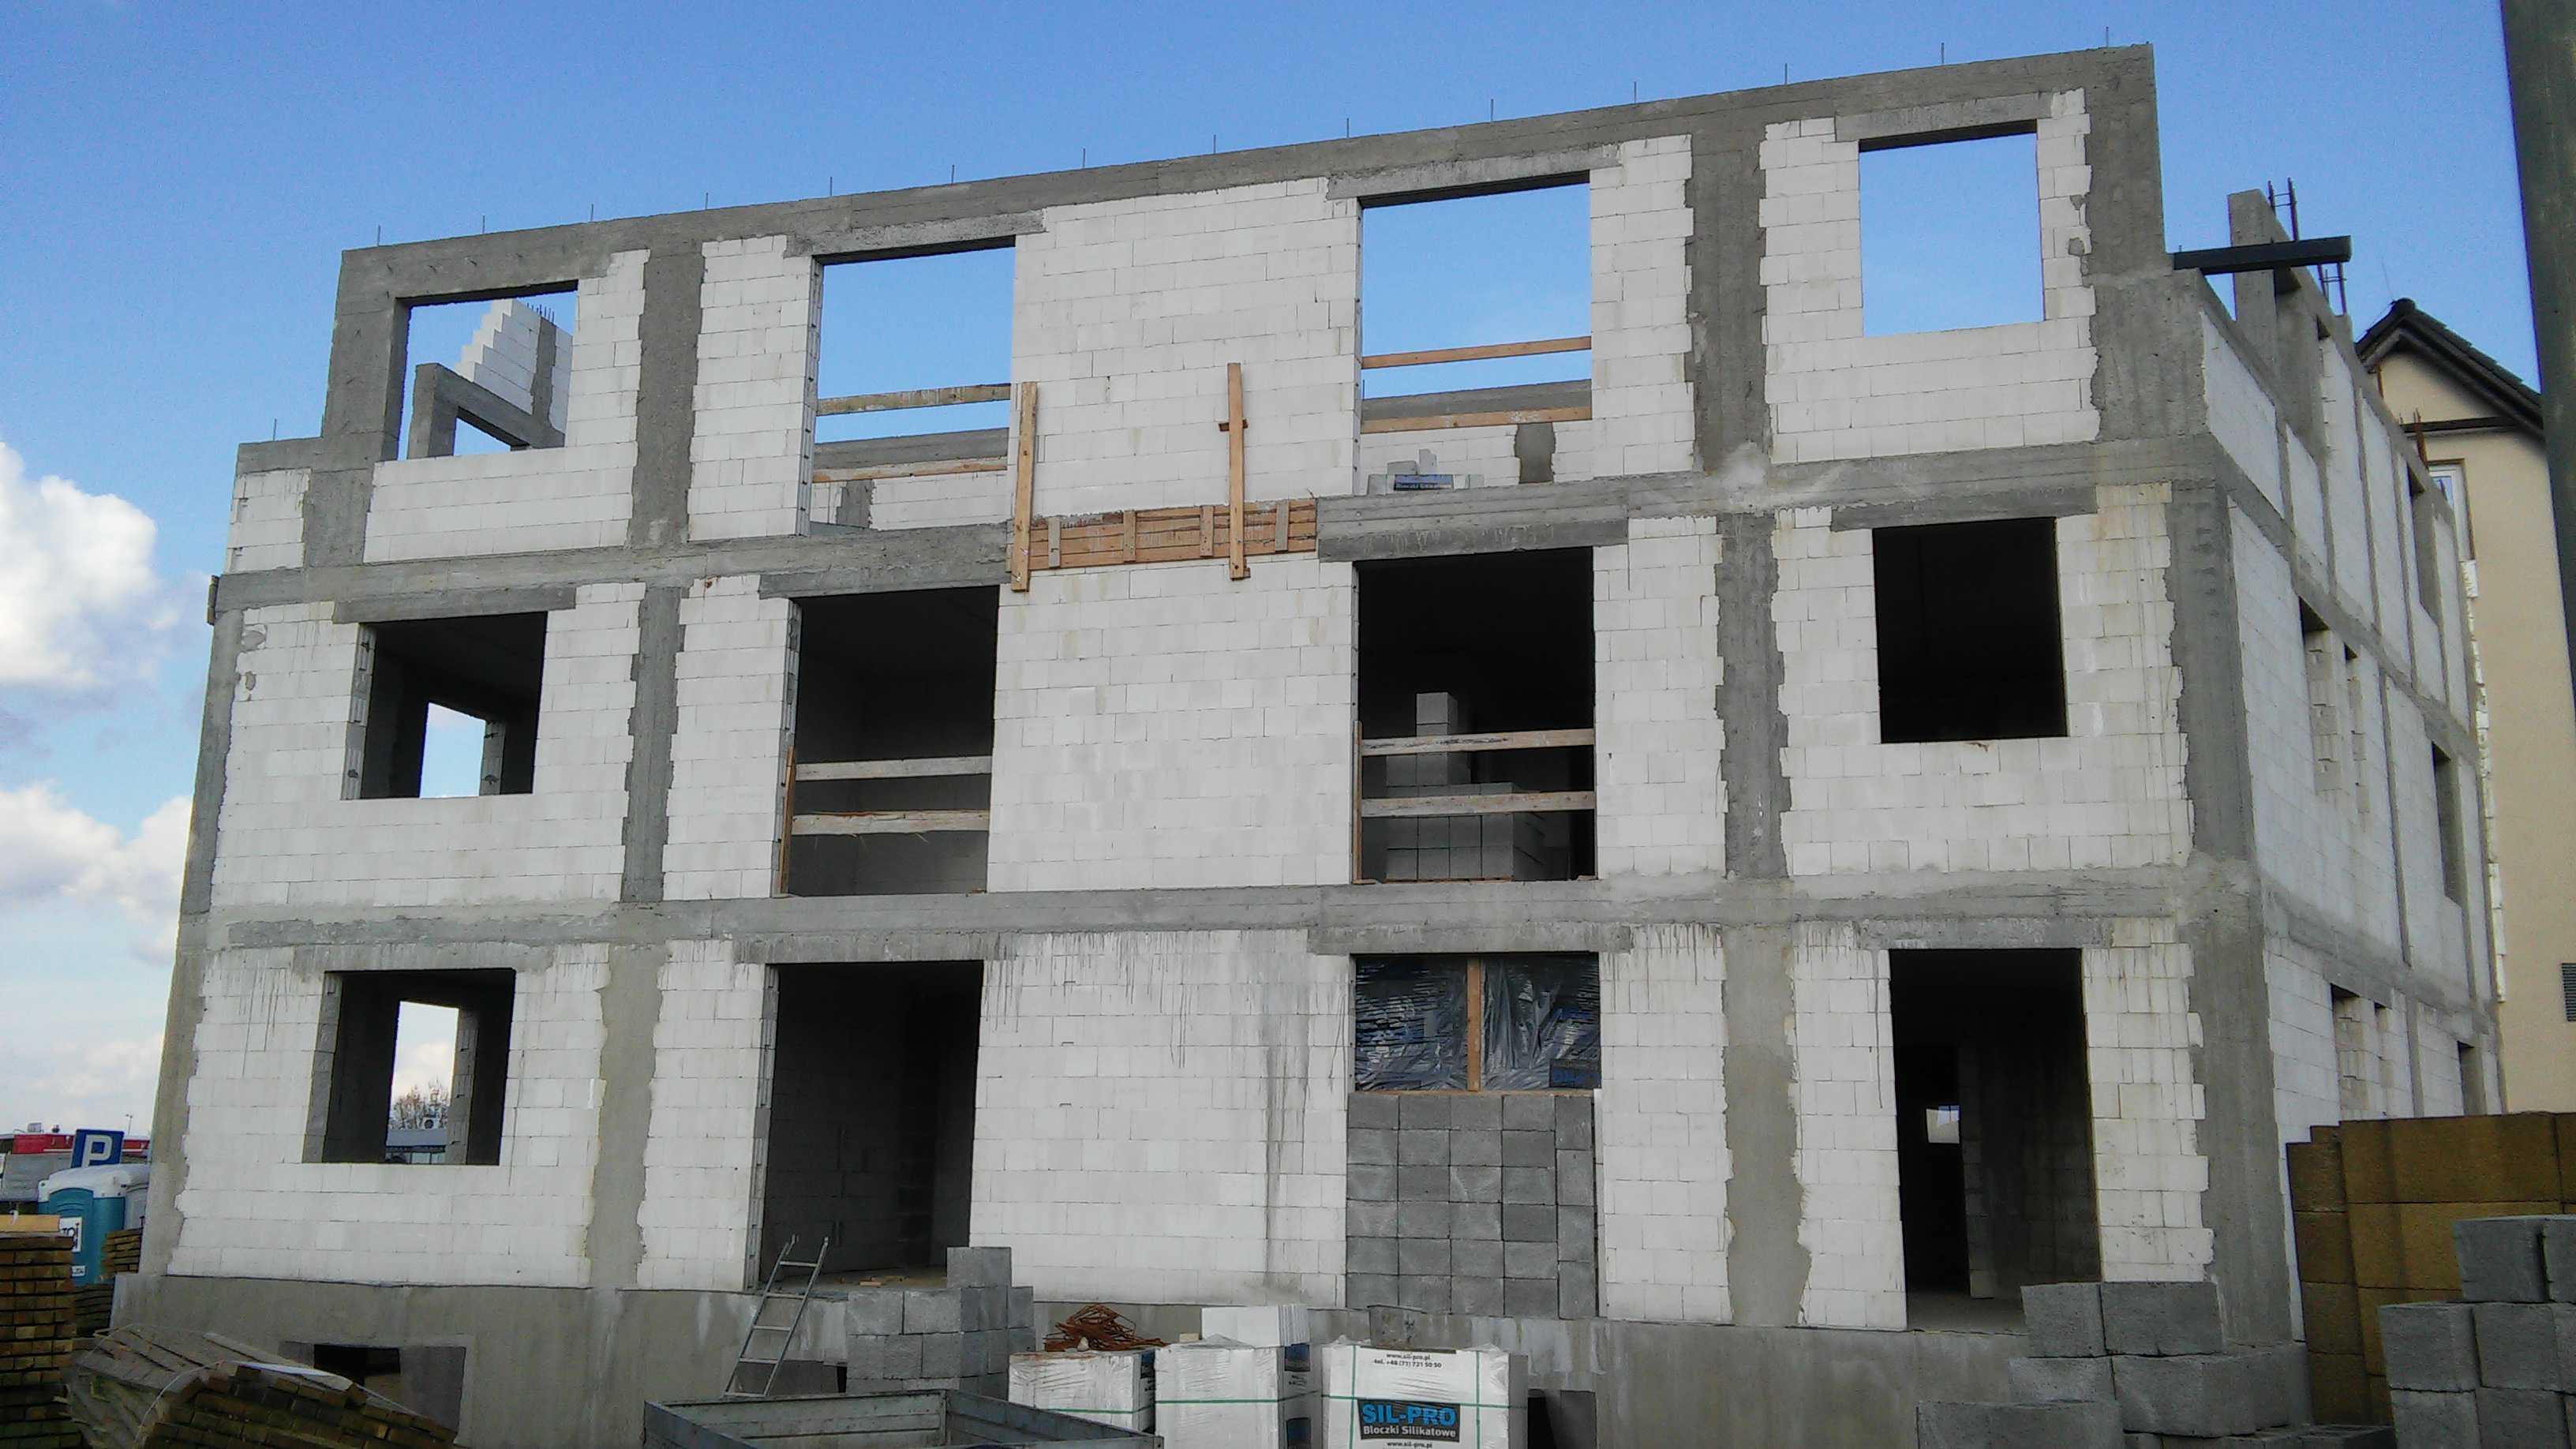 widok na ściany zewnętrzne